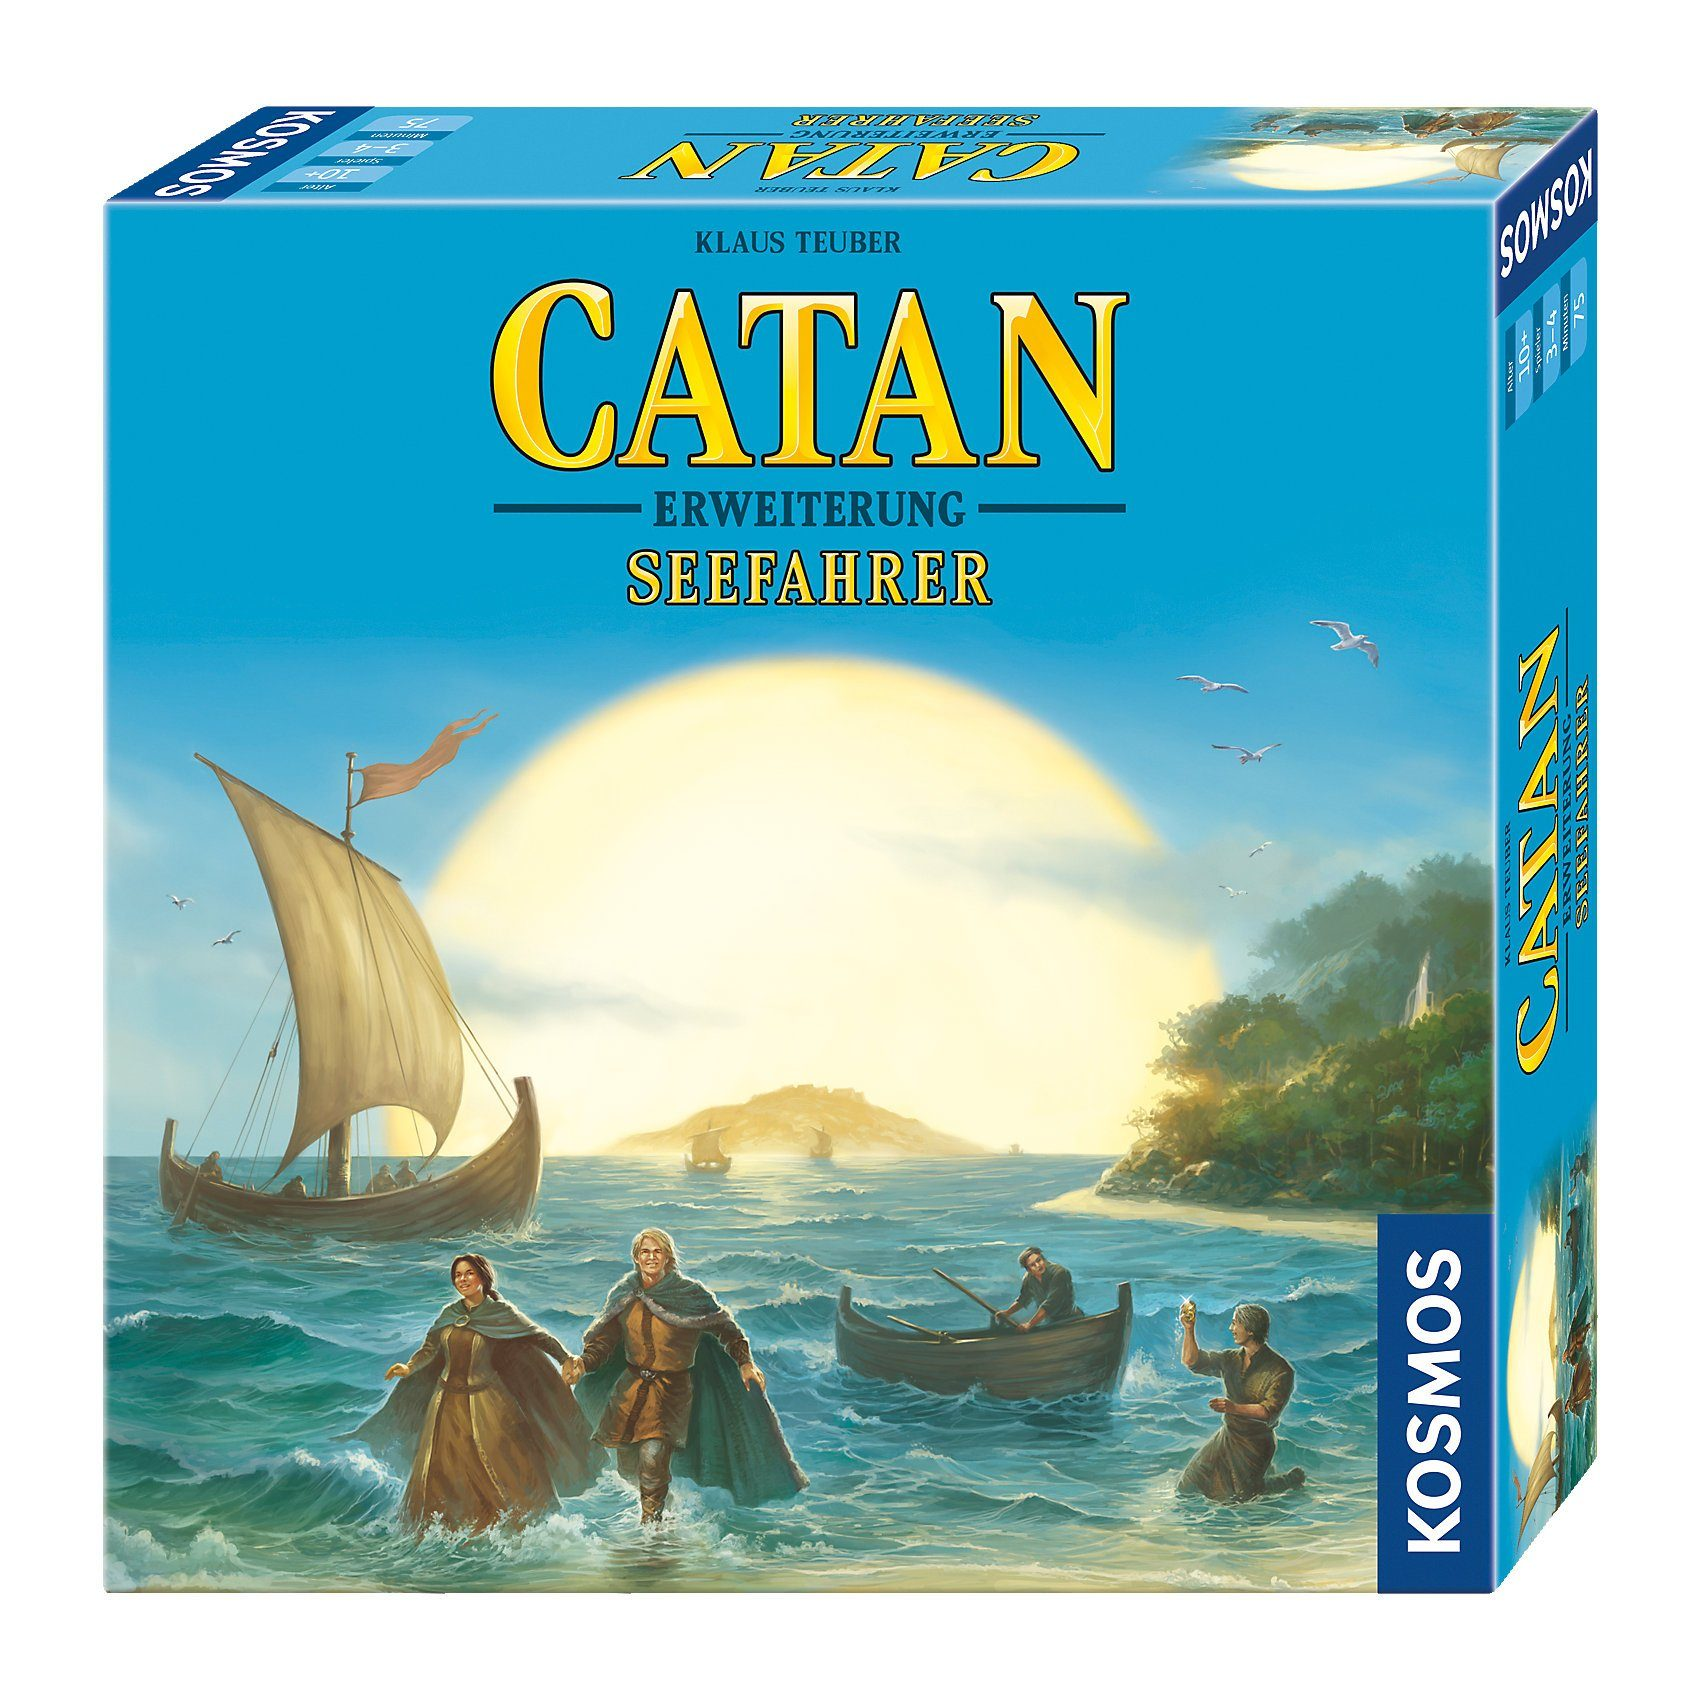 Kosmos Catan - Erweiterung Seefahrer 3-4 Spieler